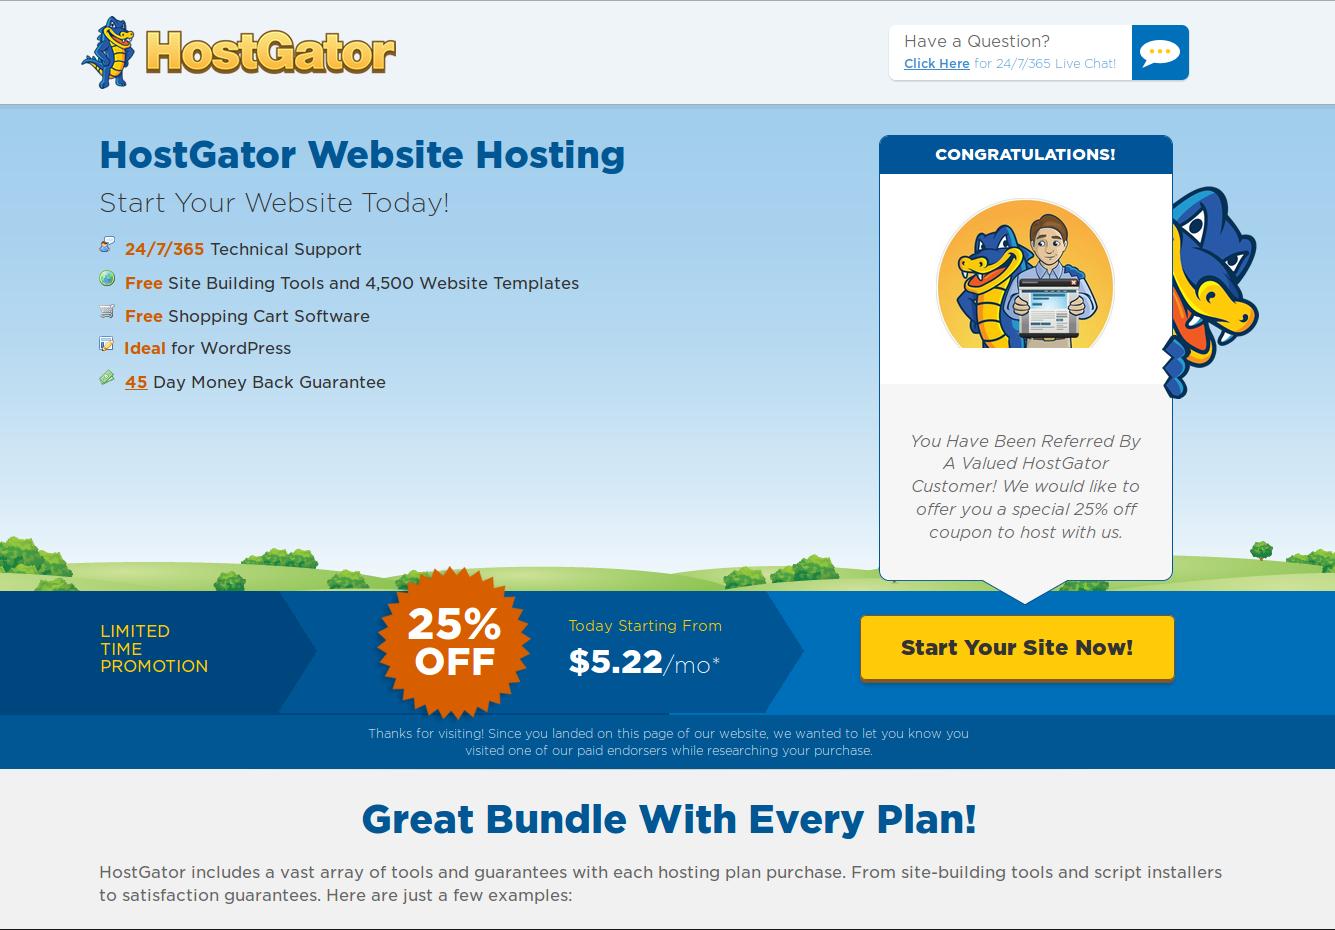 Customer Referral Program « HostGator.com Support Portal